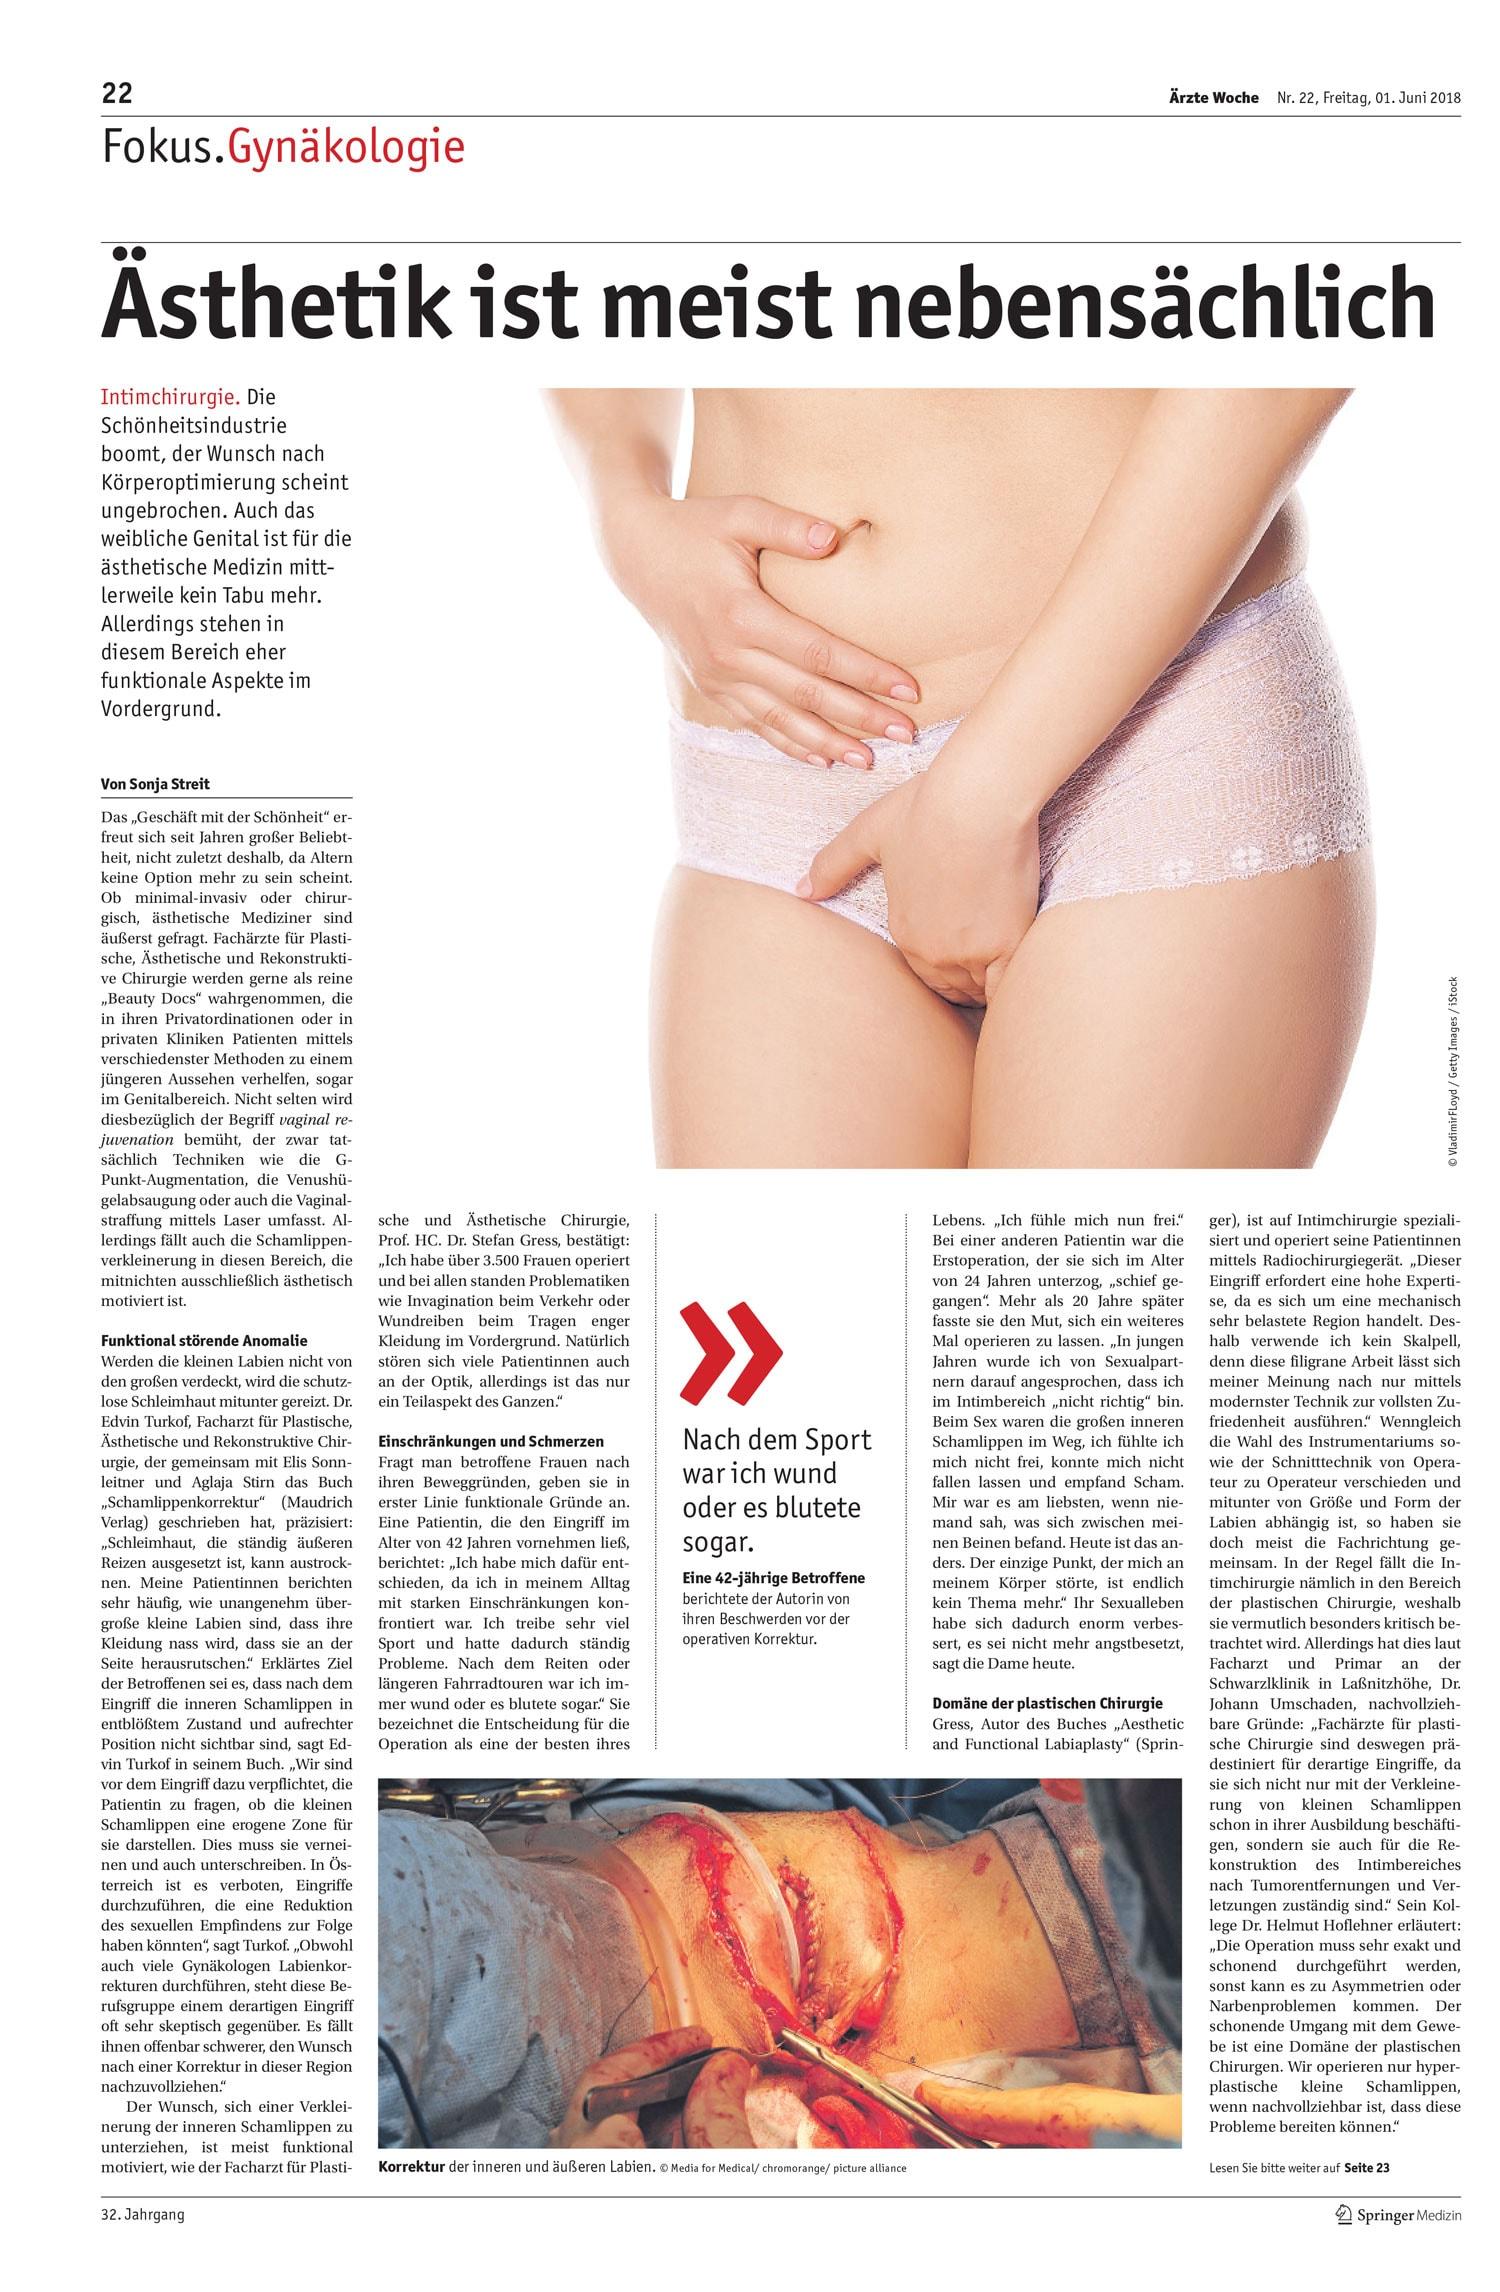 Artikel aus der Ärzte Woche Nr. 22 vom 1. Juni 2018 von Sonja Streit-S.1